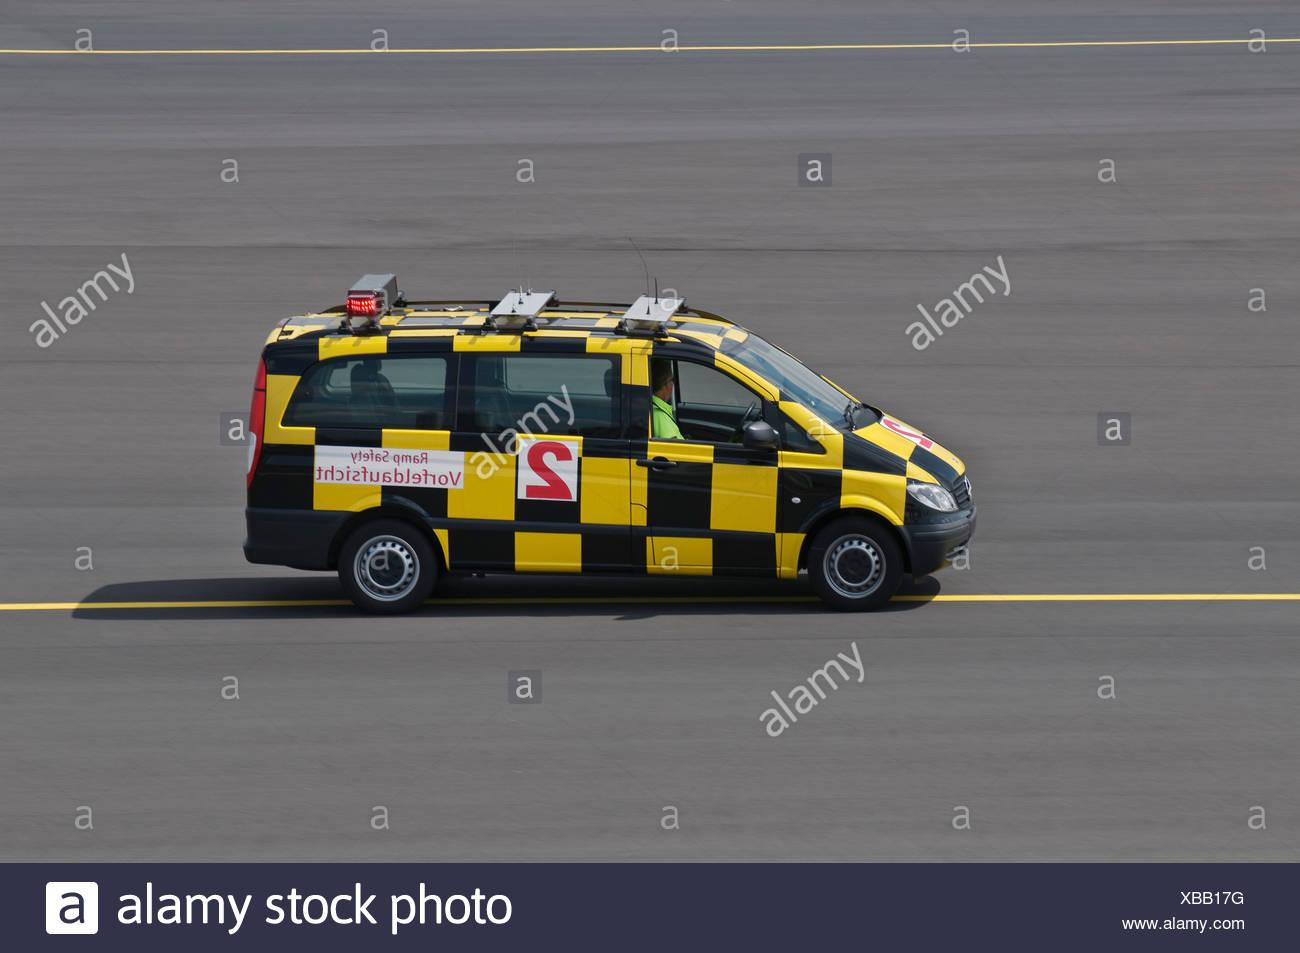 Vehículo de la autoridad aeroportuaria, el Aeropuerto Internacional de Dusseldorf, Dusseldorf, Renania del Norte-Westfalia, Alemania, Europa Imagen De Stock